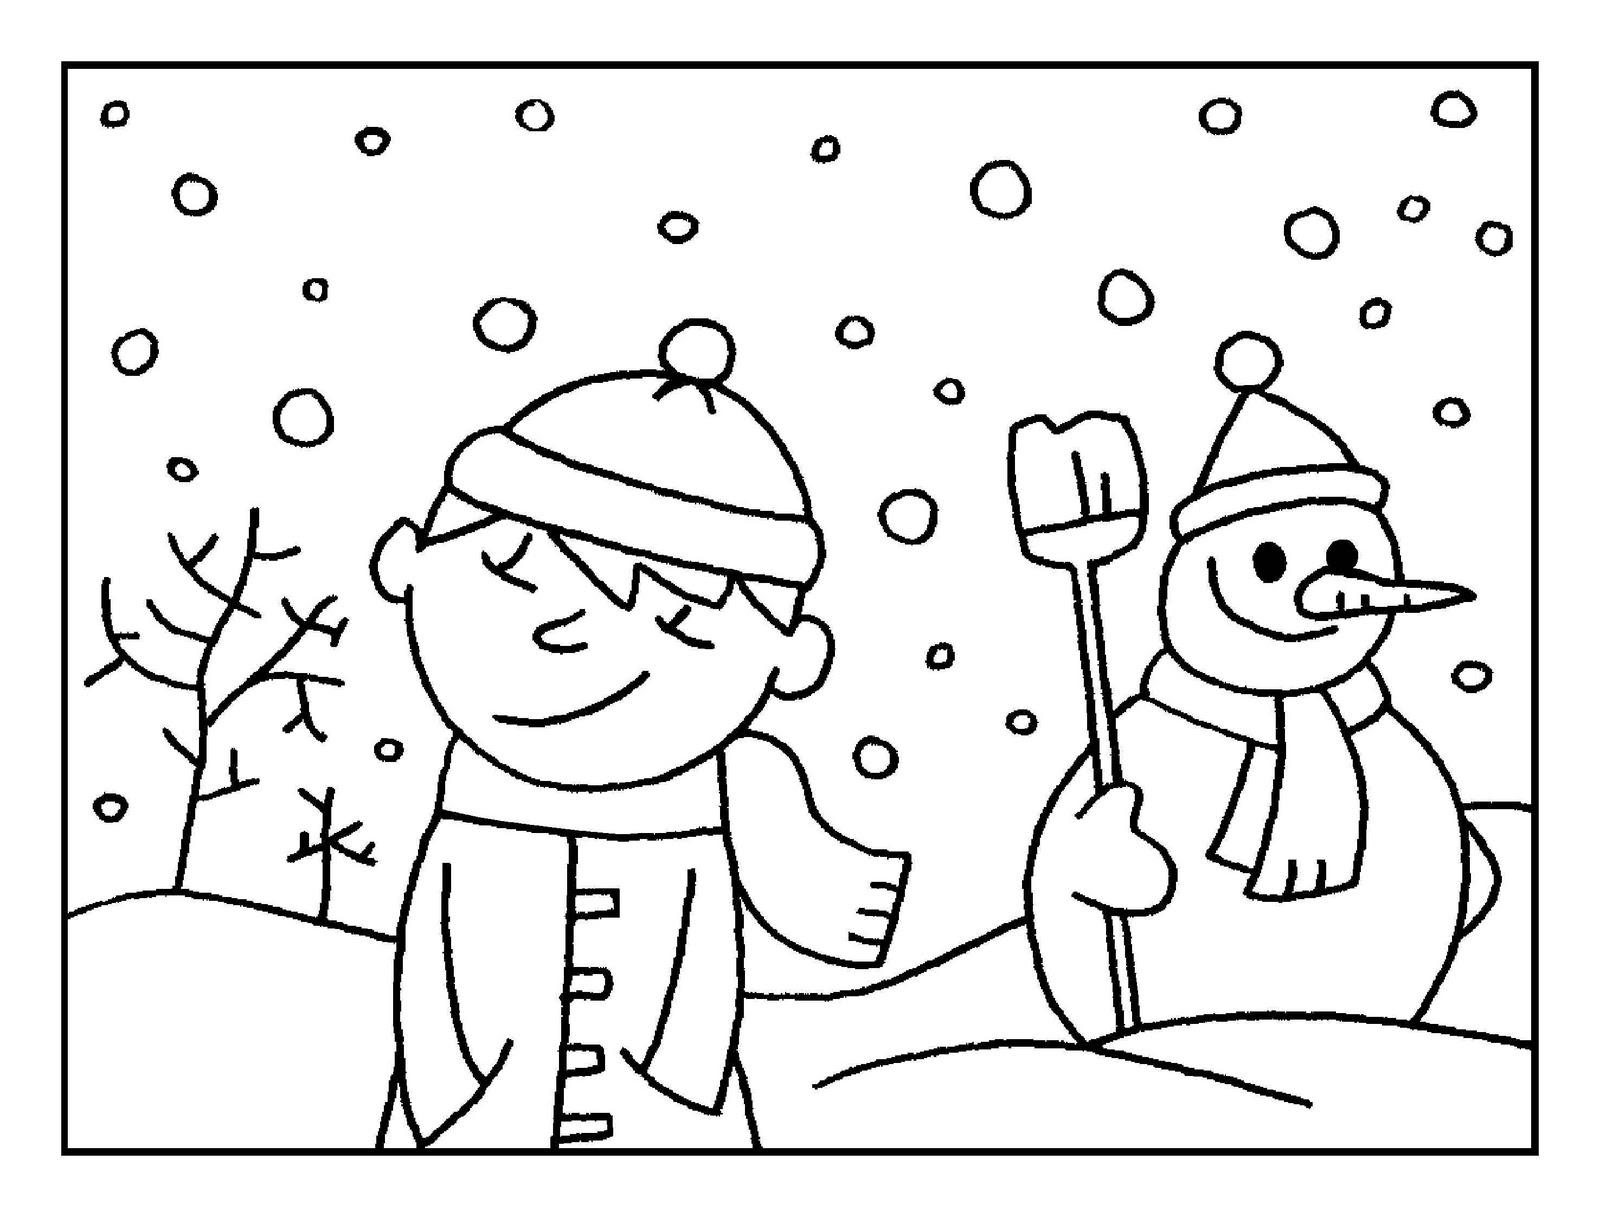 Dorable Páginas Para Colorear Para Enero Colección - Dibujos de ...